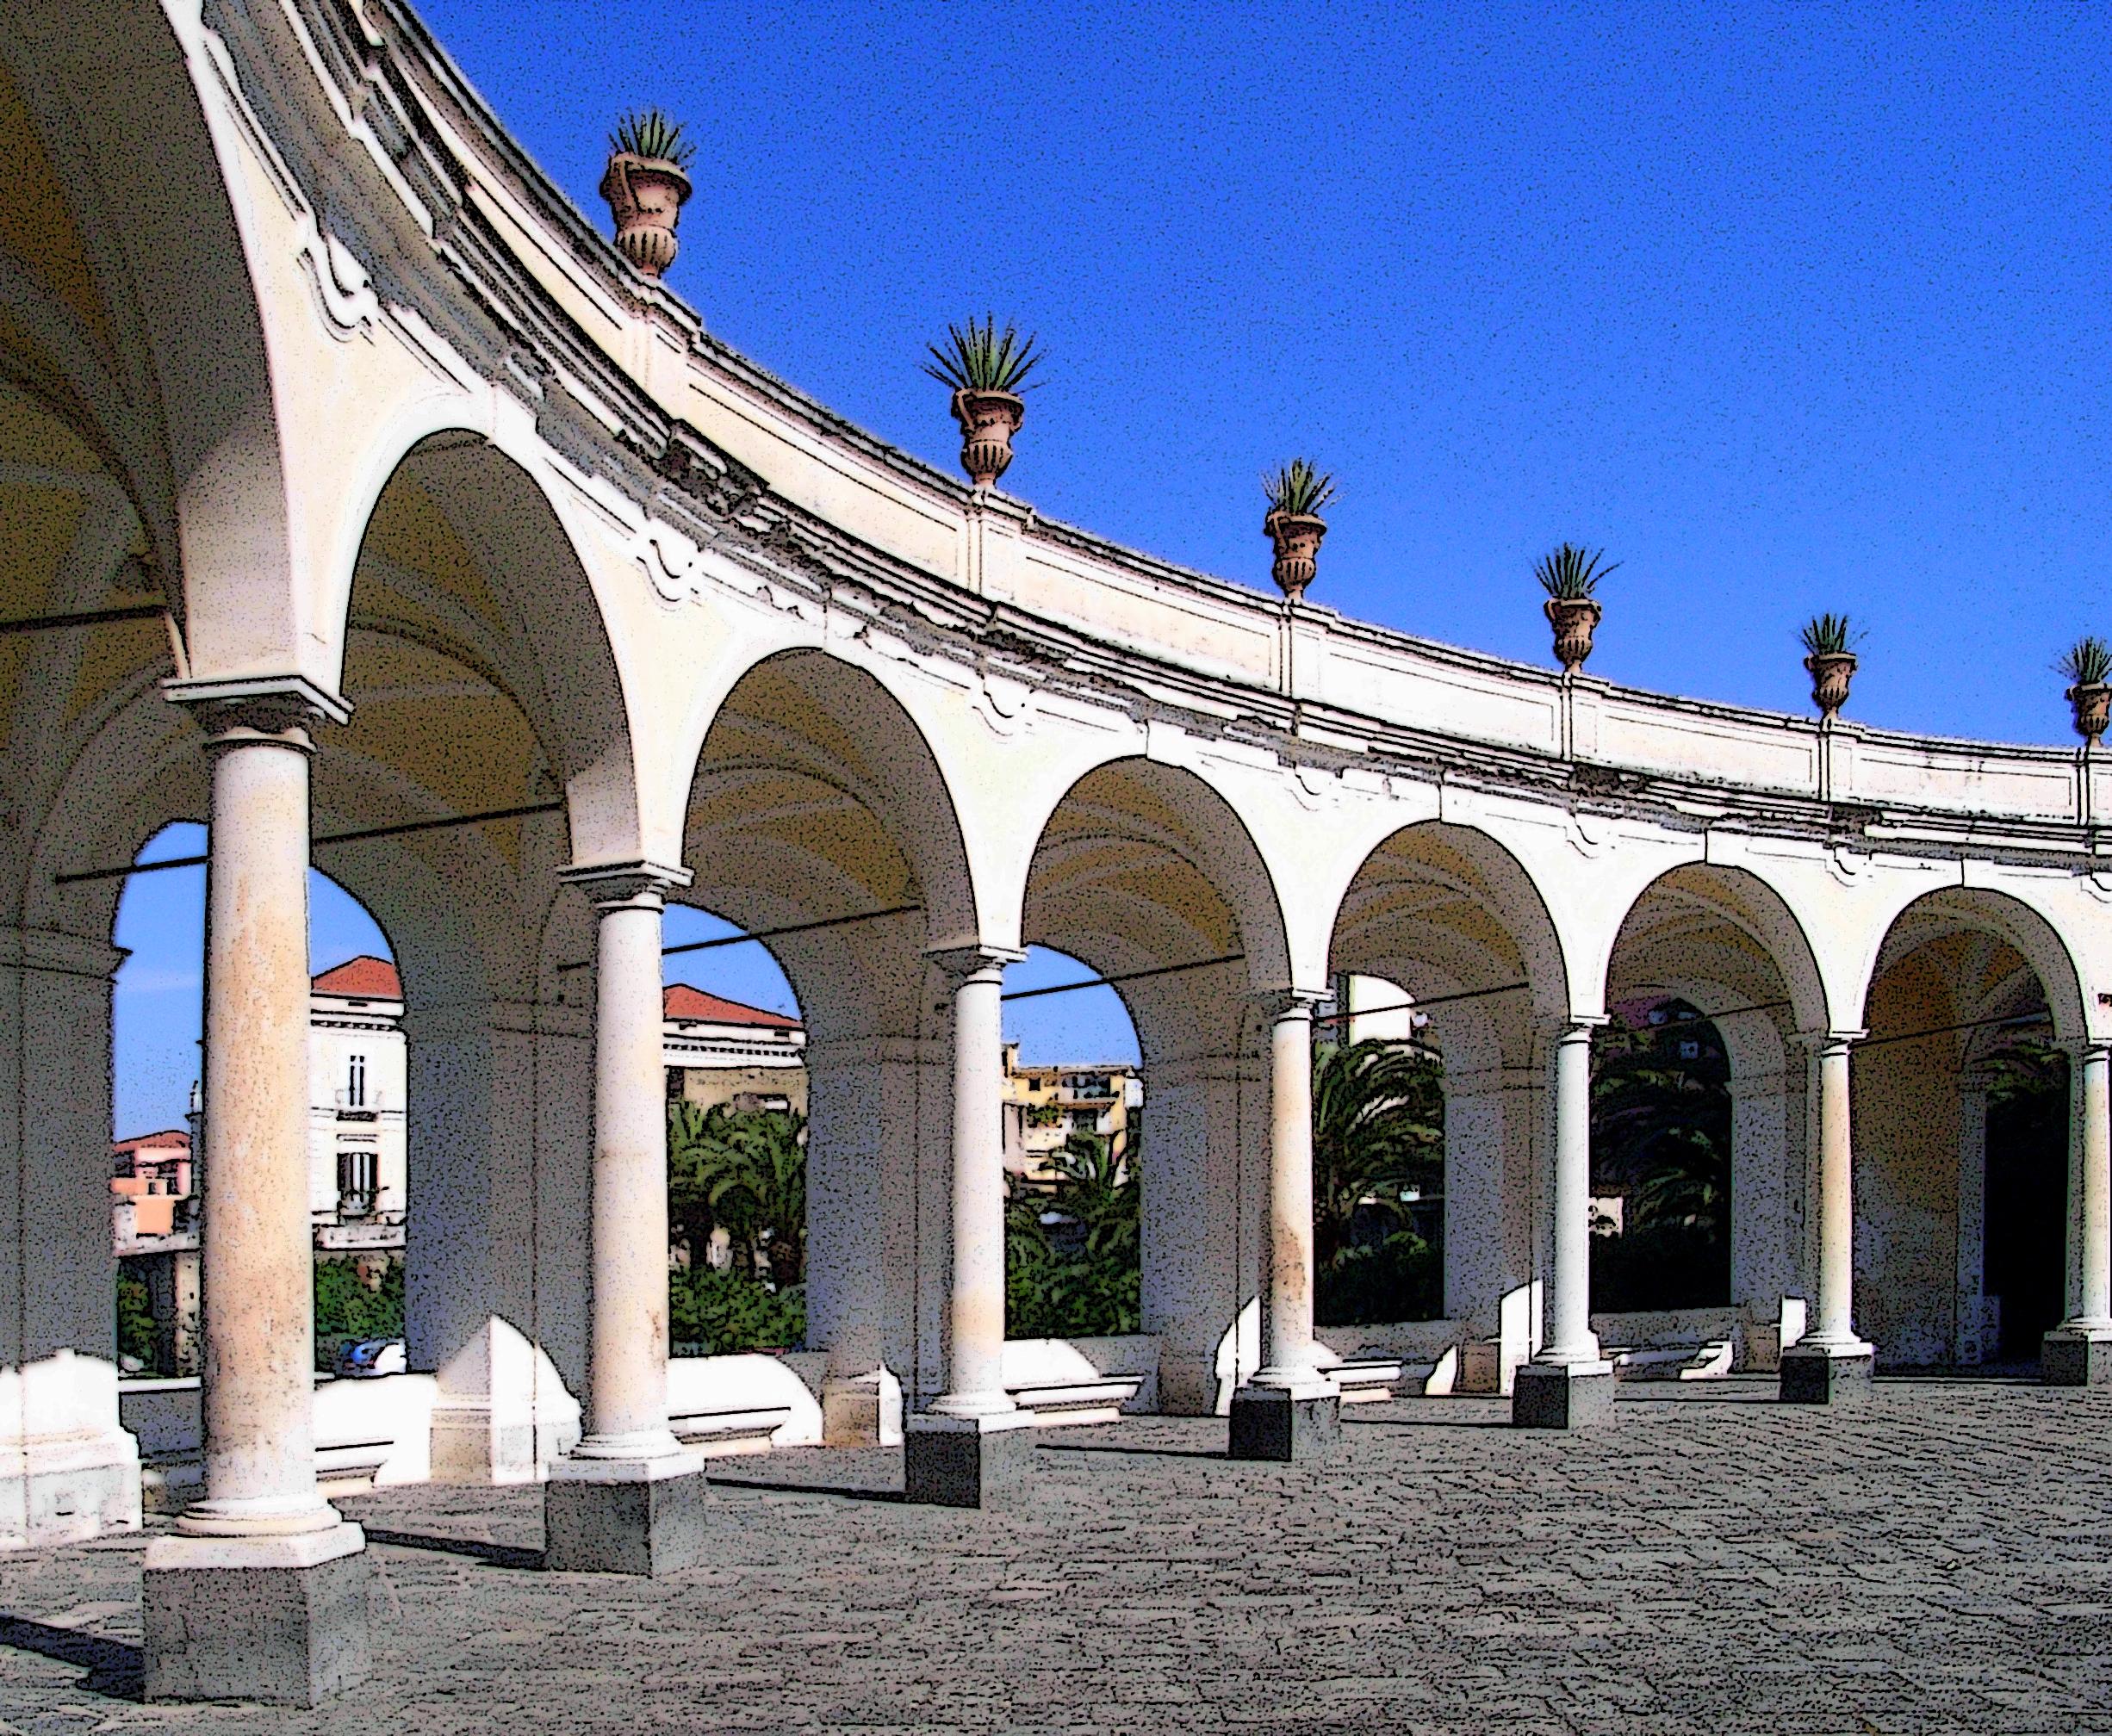 Matrimonio In Villa Campolieto : File portico della stoà villa campolieto g wikimedia